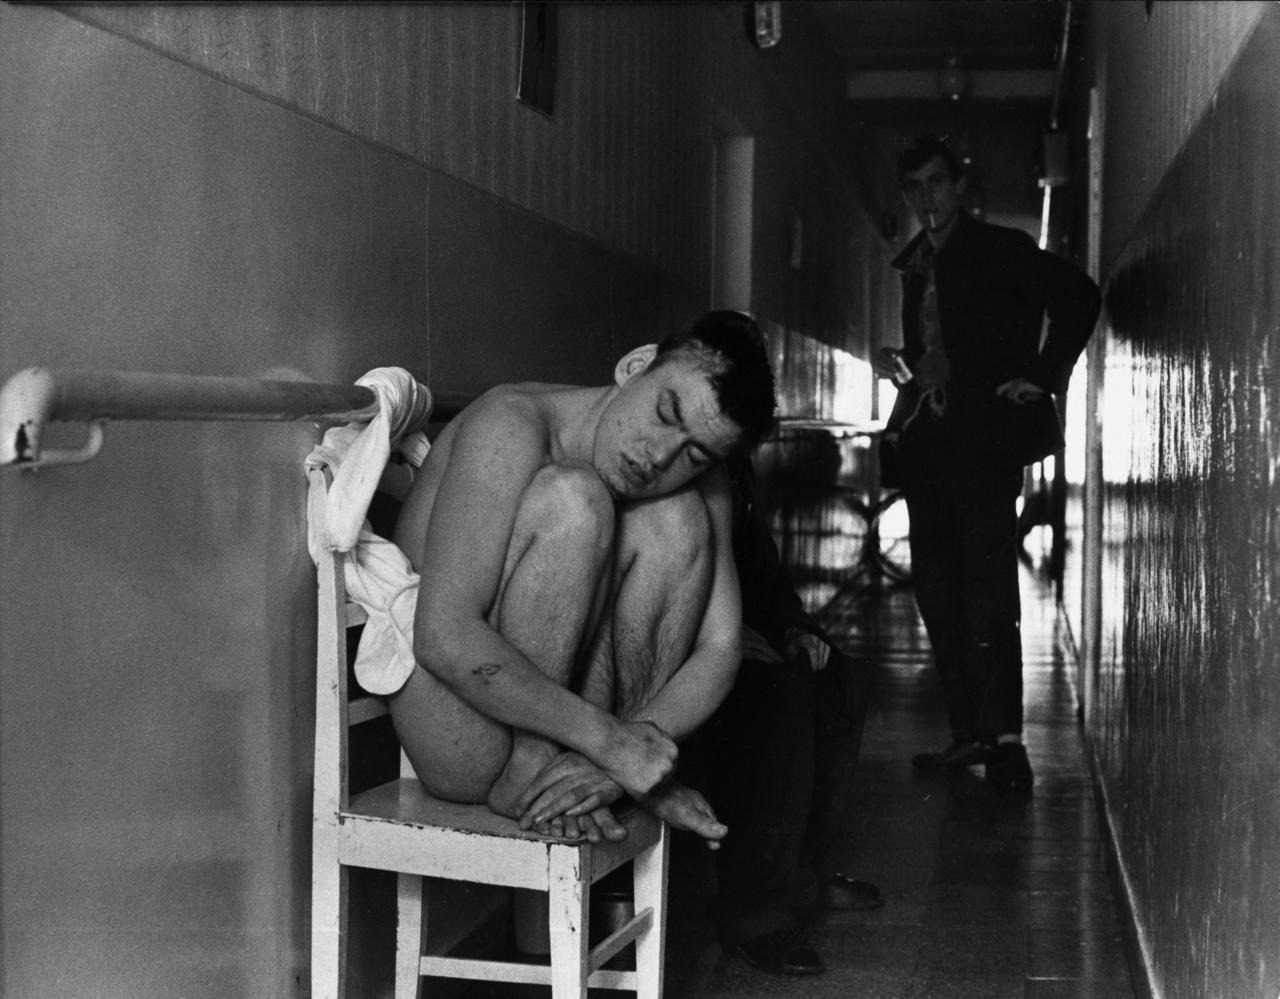 """""""A férfiosztályon nem kevés a piás, szadista, buzi ápoló. (...) Volt azért olyan is közöttünk – például a Róbertban –, aki »kooperált« a homoszexuális ápolóval éjjelente a W. C.-ben. De a Lipót sem kivétel. Volt ott egy közismert buzi ápoló, aki szinte aratott a fiatal szkizofrén betegek között. Tudták, de nem rúgták ki, mert a munkát elvégezte: kipucolta a szart, és kiosztotta a kaját. A legényszállón is volt egy hat-nyolctagú homoszexuális csoport. A rendesebb ápolók sem tehettek semmit, mert ők is féltek tőlük. Ez az egész mind a zárt osztály képződménye, nem a főorvostól függ. A zárt mammutrendszer büntetése."""" (Részlet a Bakonyi-könyv Egy volt beteg szemével című fejezetéből.)"""